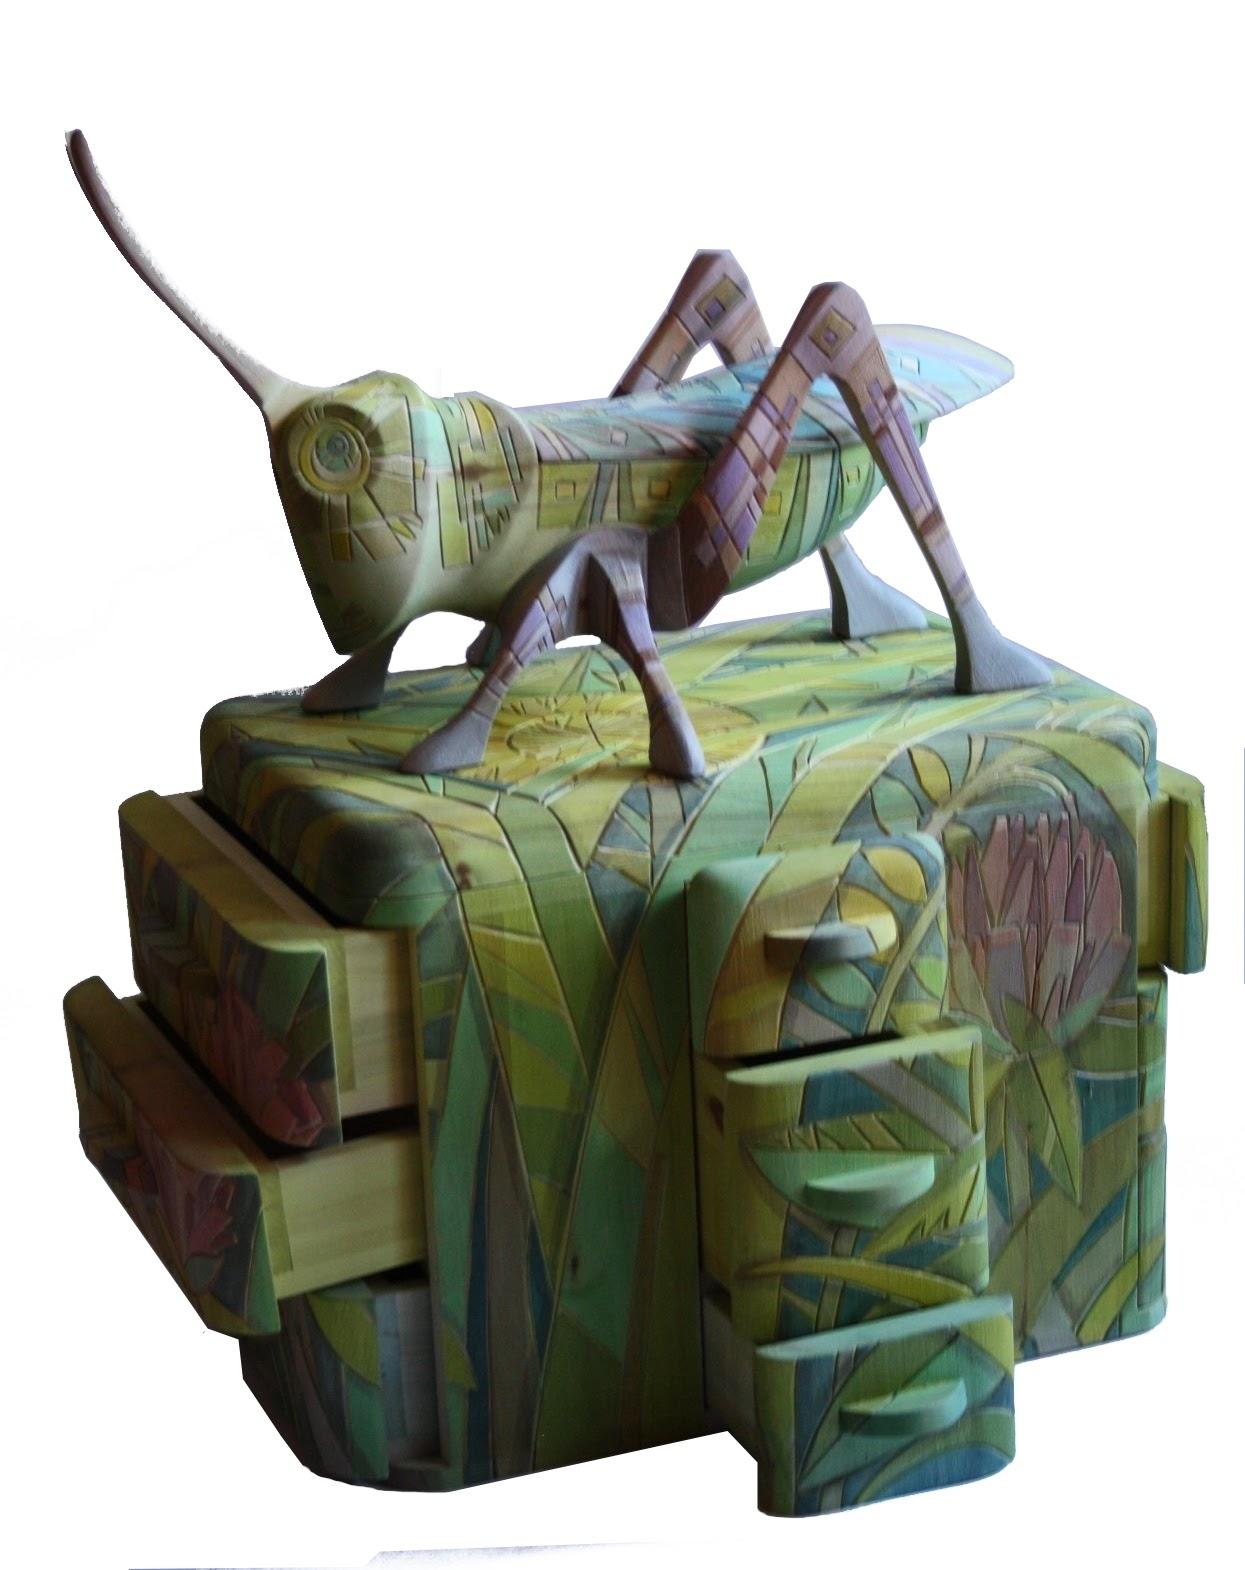 Каталог Ремесел, город Таруса, художник скульптор Пилипенко Сергей, скульптура (дерево/тонировка), В траве сидел кузнечик - комодик